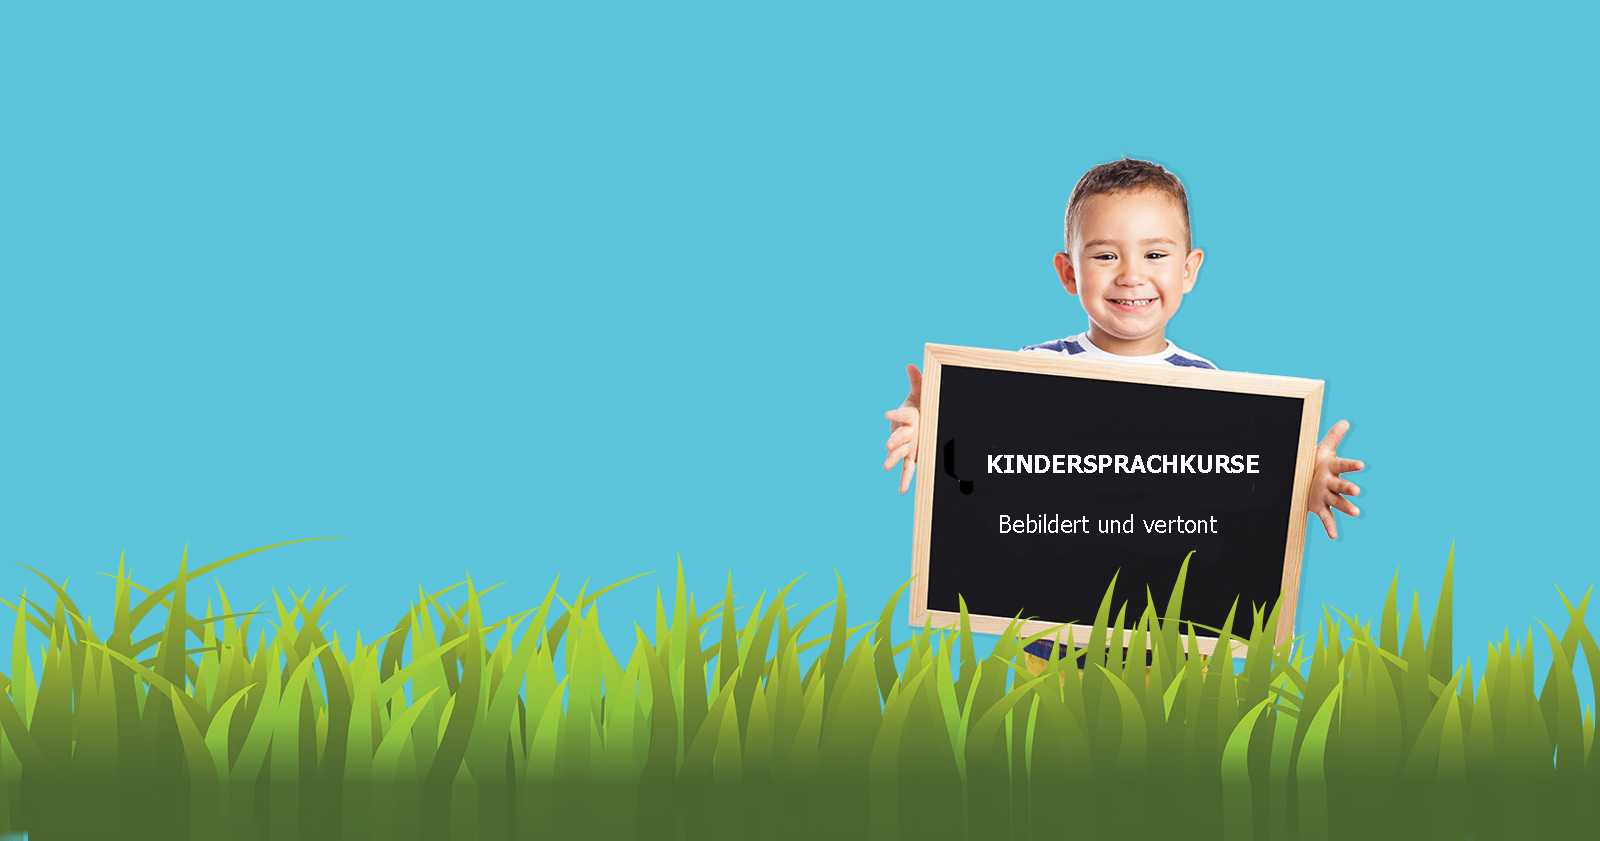 Sprachkurse für Kinder